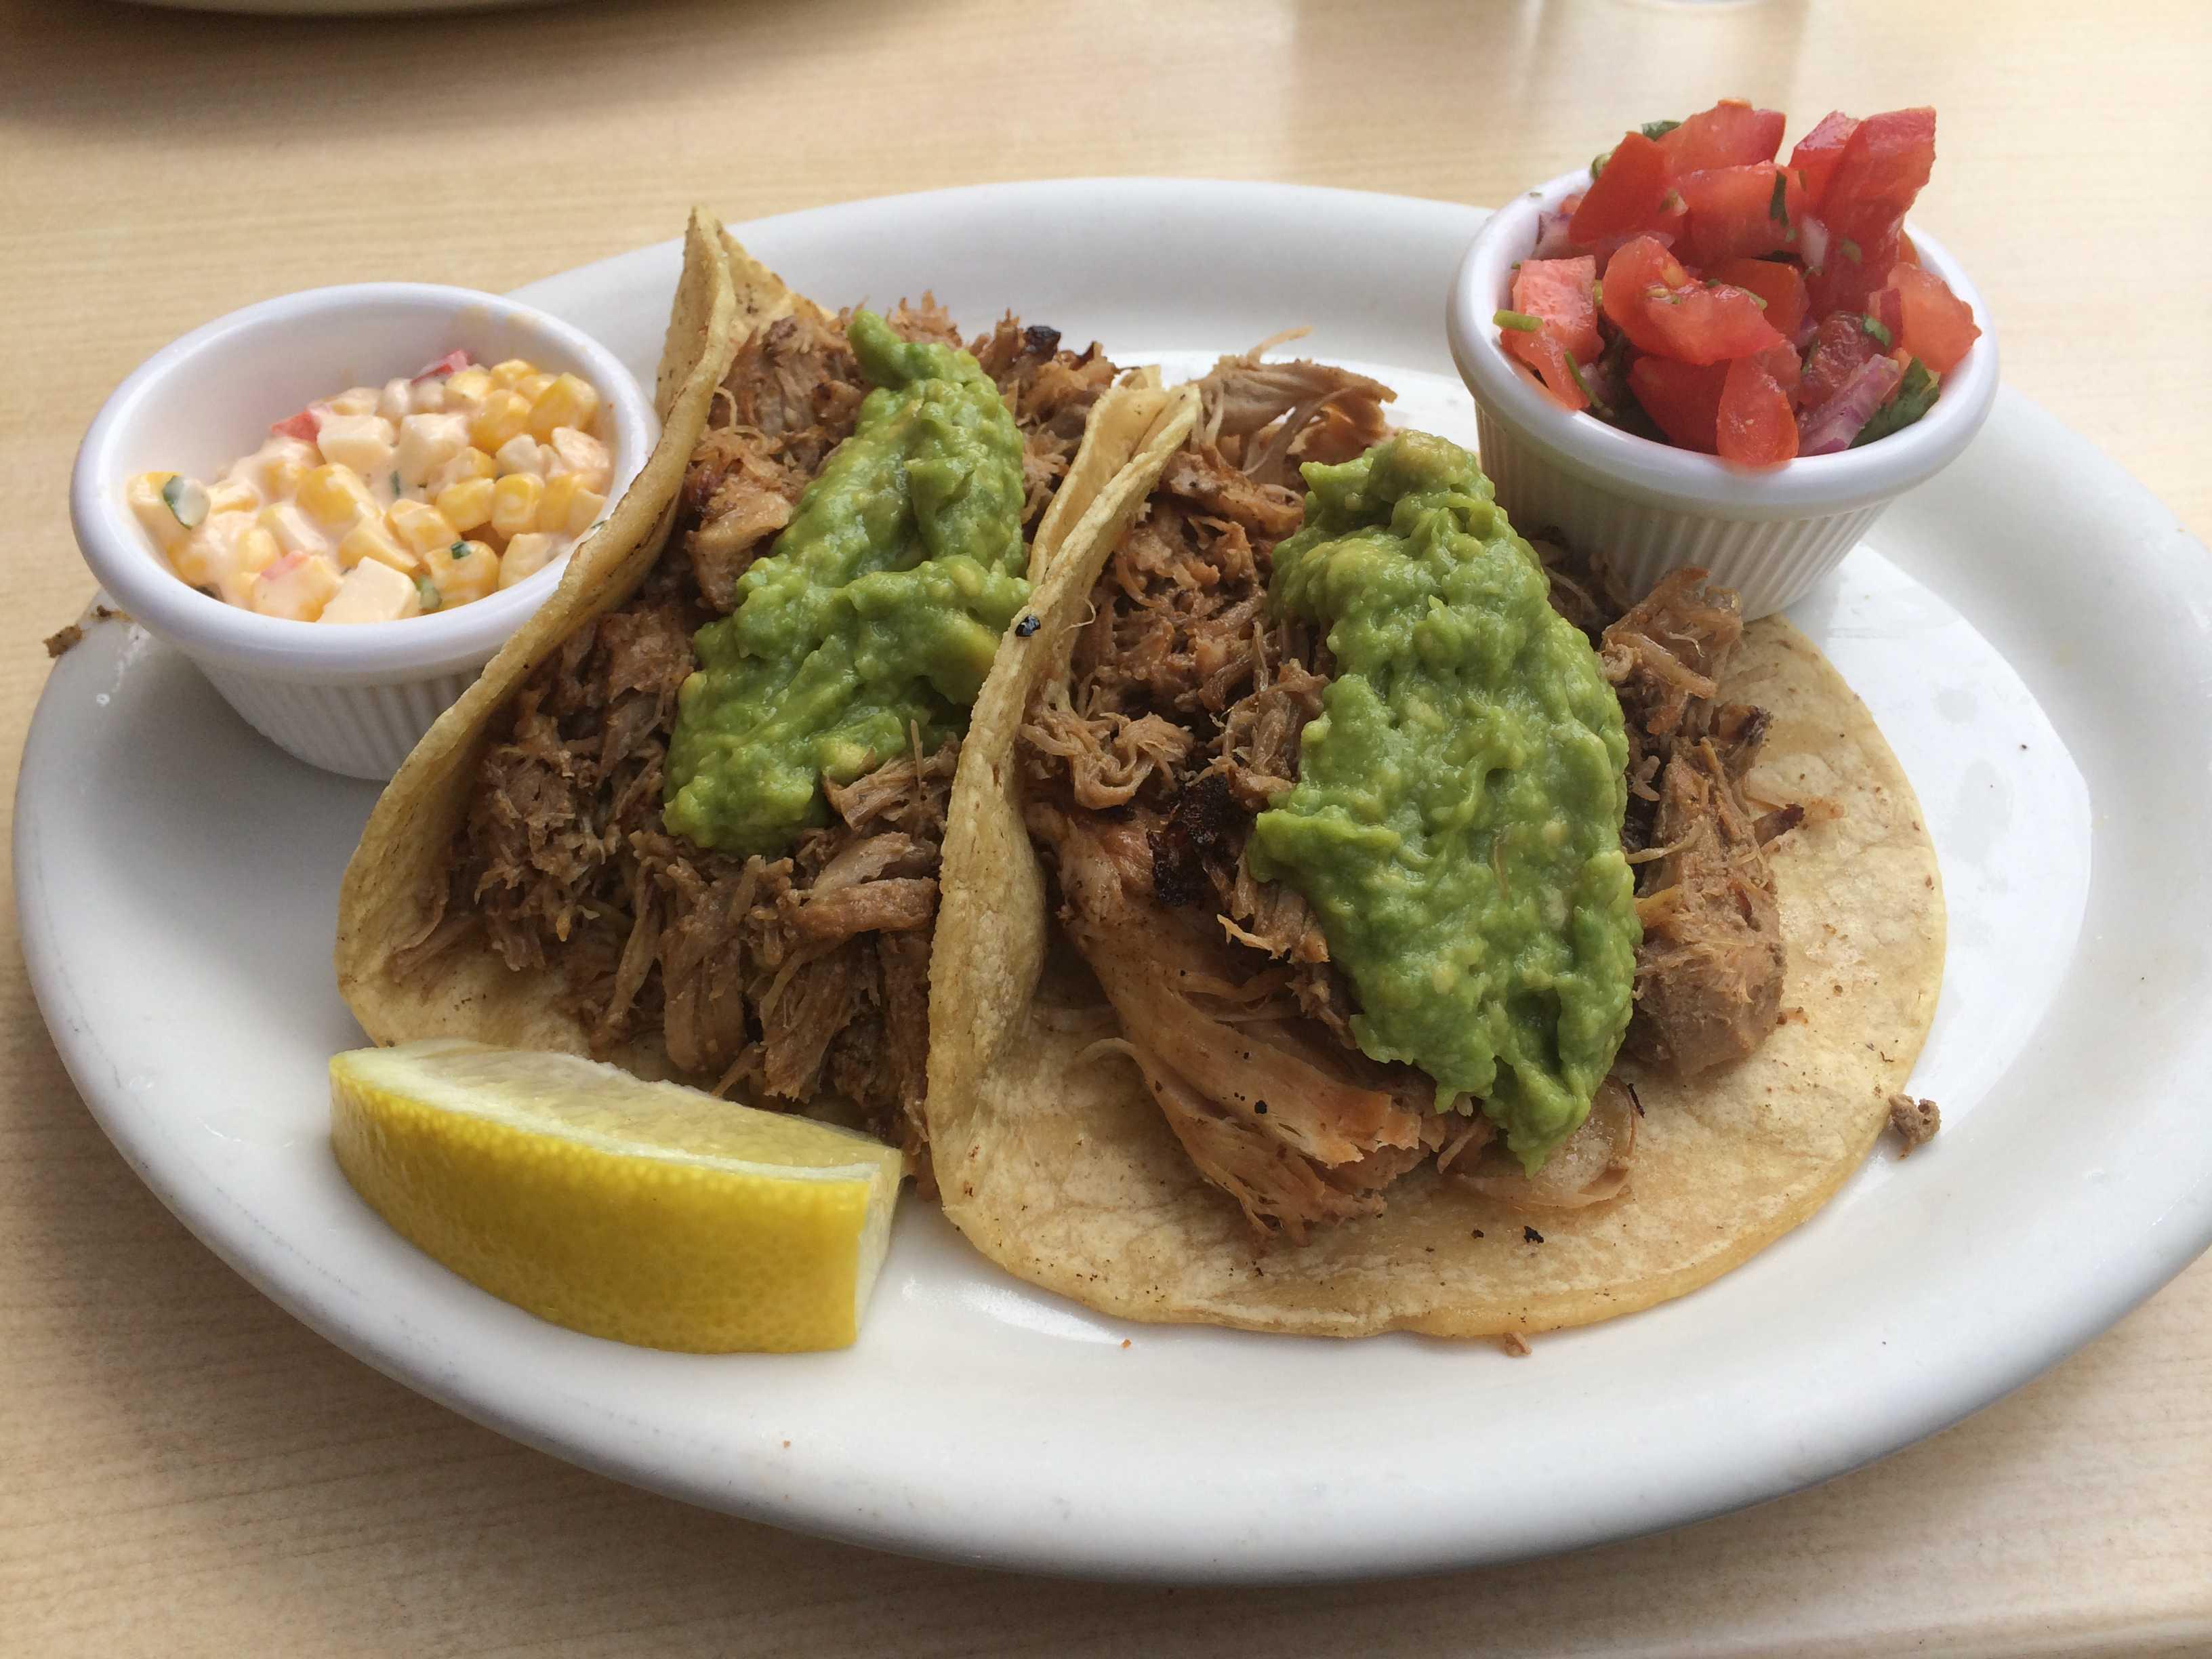 Canitas tacos at Carnitas Snack Shack Photo credit: Michelle Moran